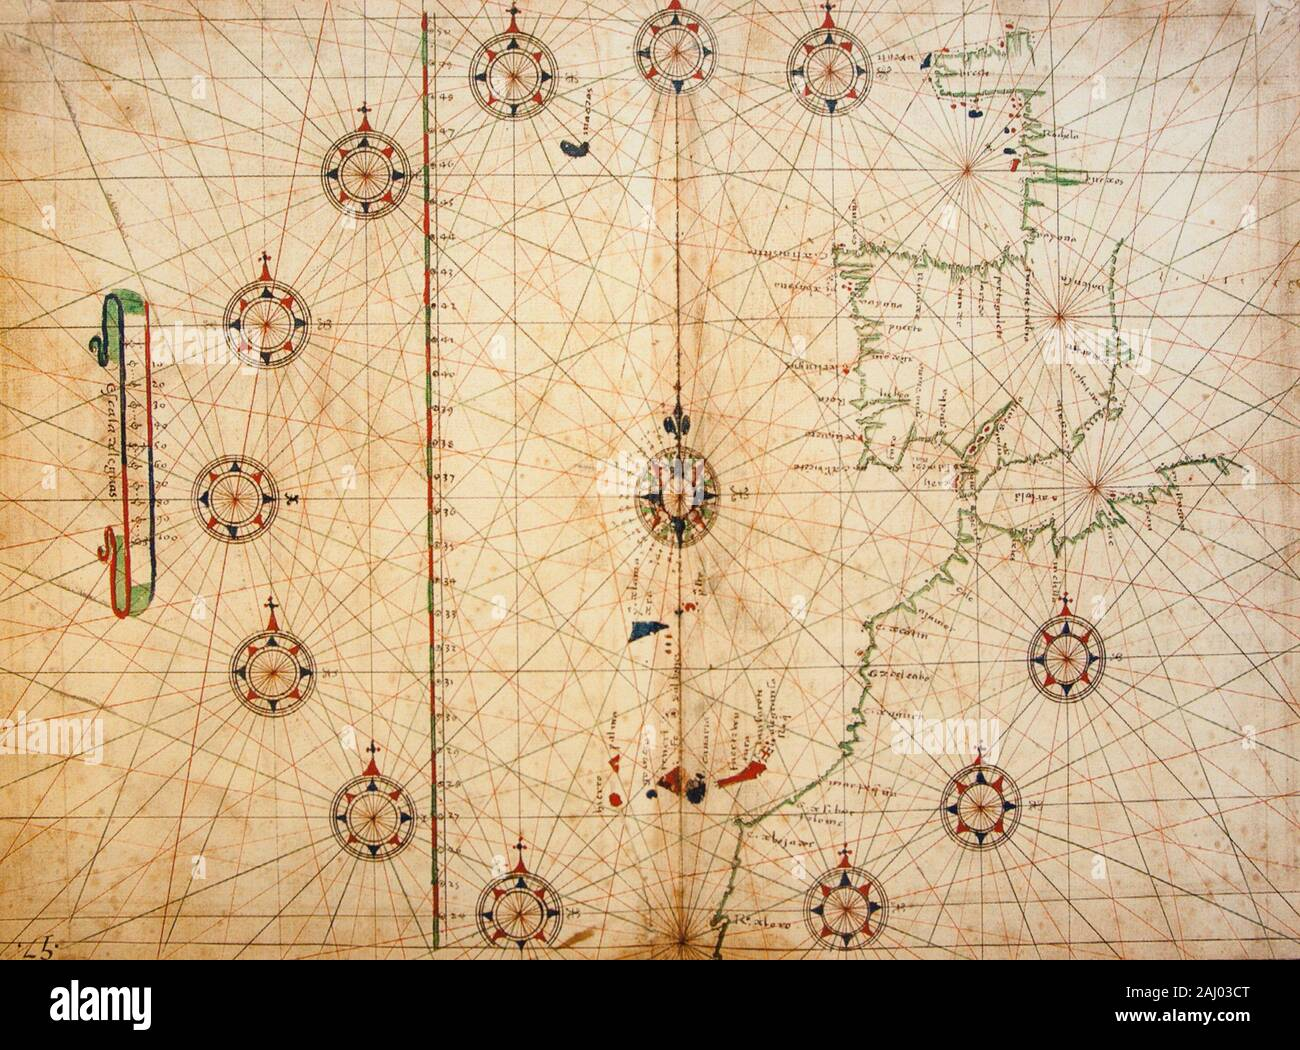 1575 Juan Escalante de Mendoza Map. From book Itinerario de navegacion de los mares y tierras occidentales, page 57. Naval Museum of Madrid, Spain. Stock Photo